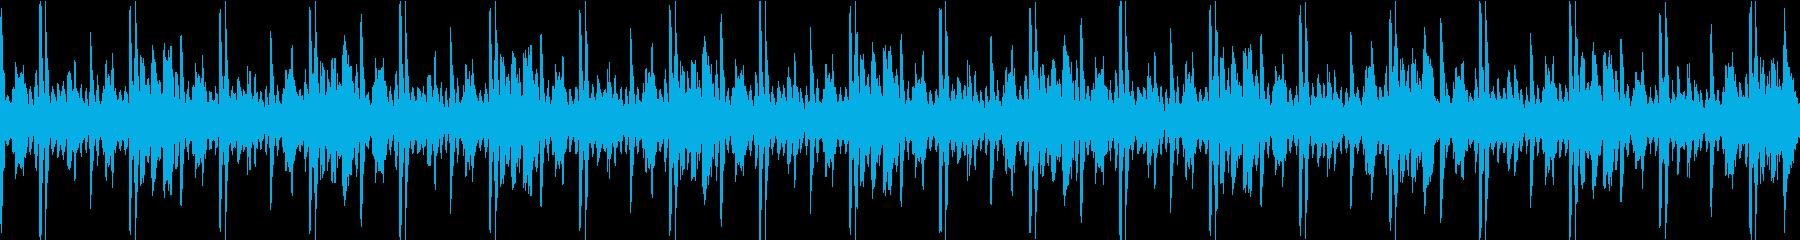 ミステリアス(謎・事件・怪奇)【ループ】の再生済みの波形